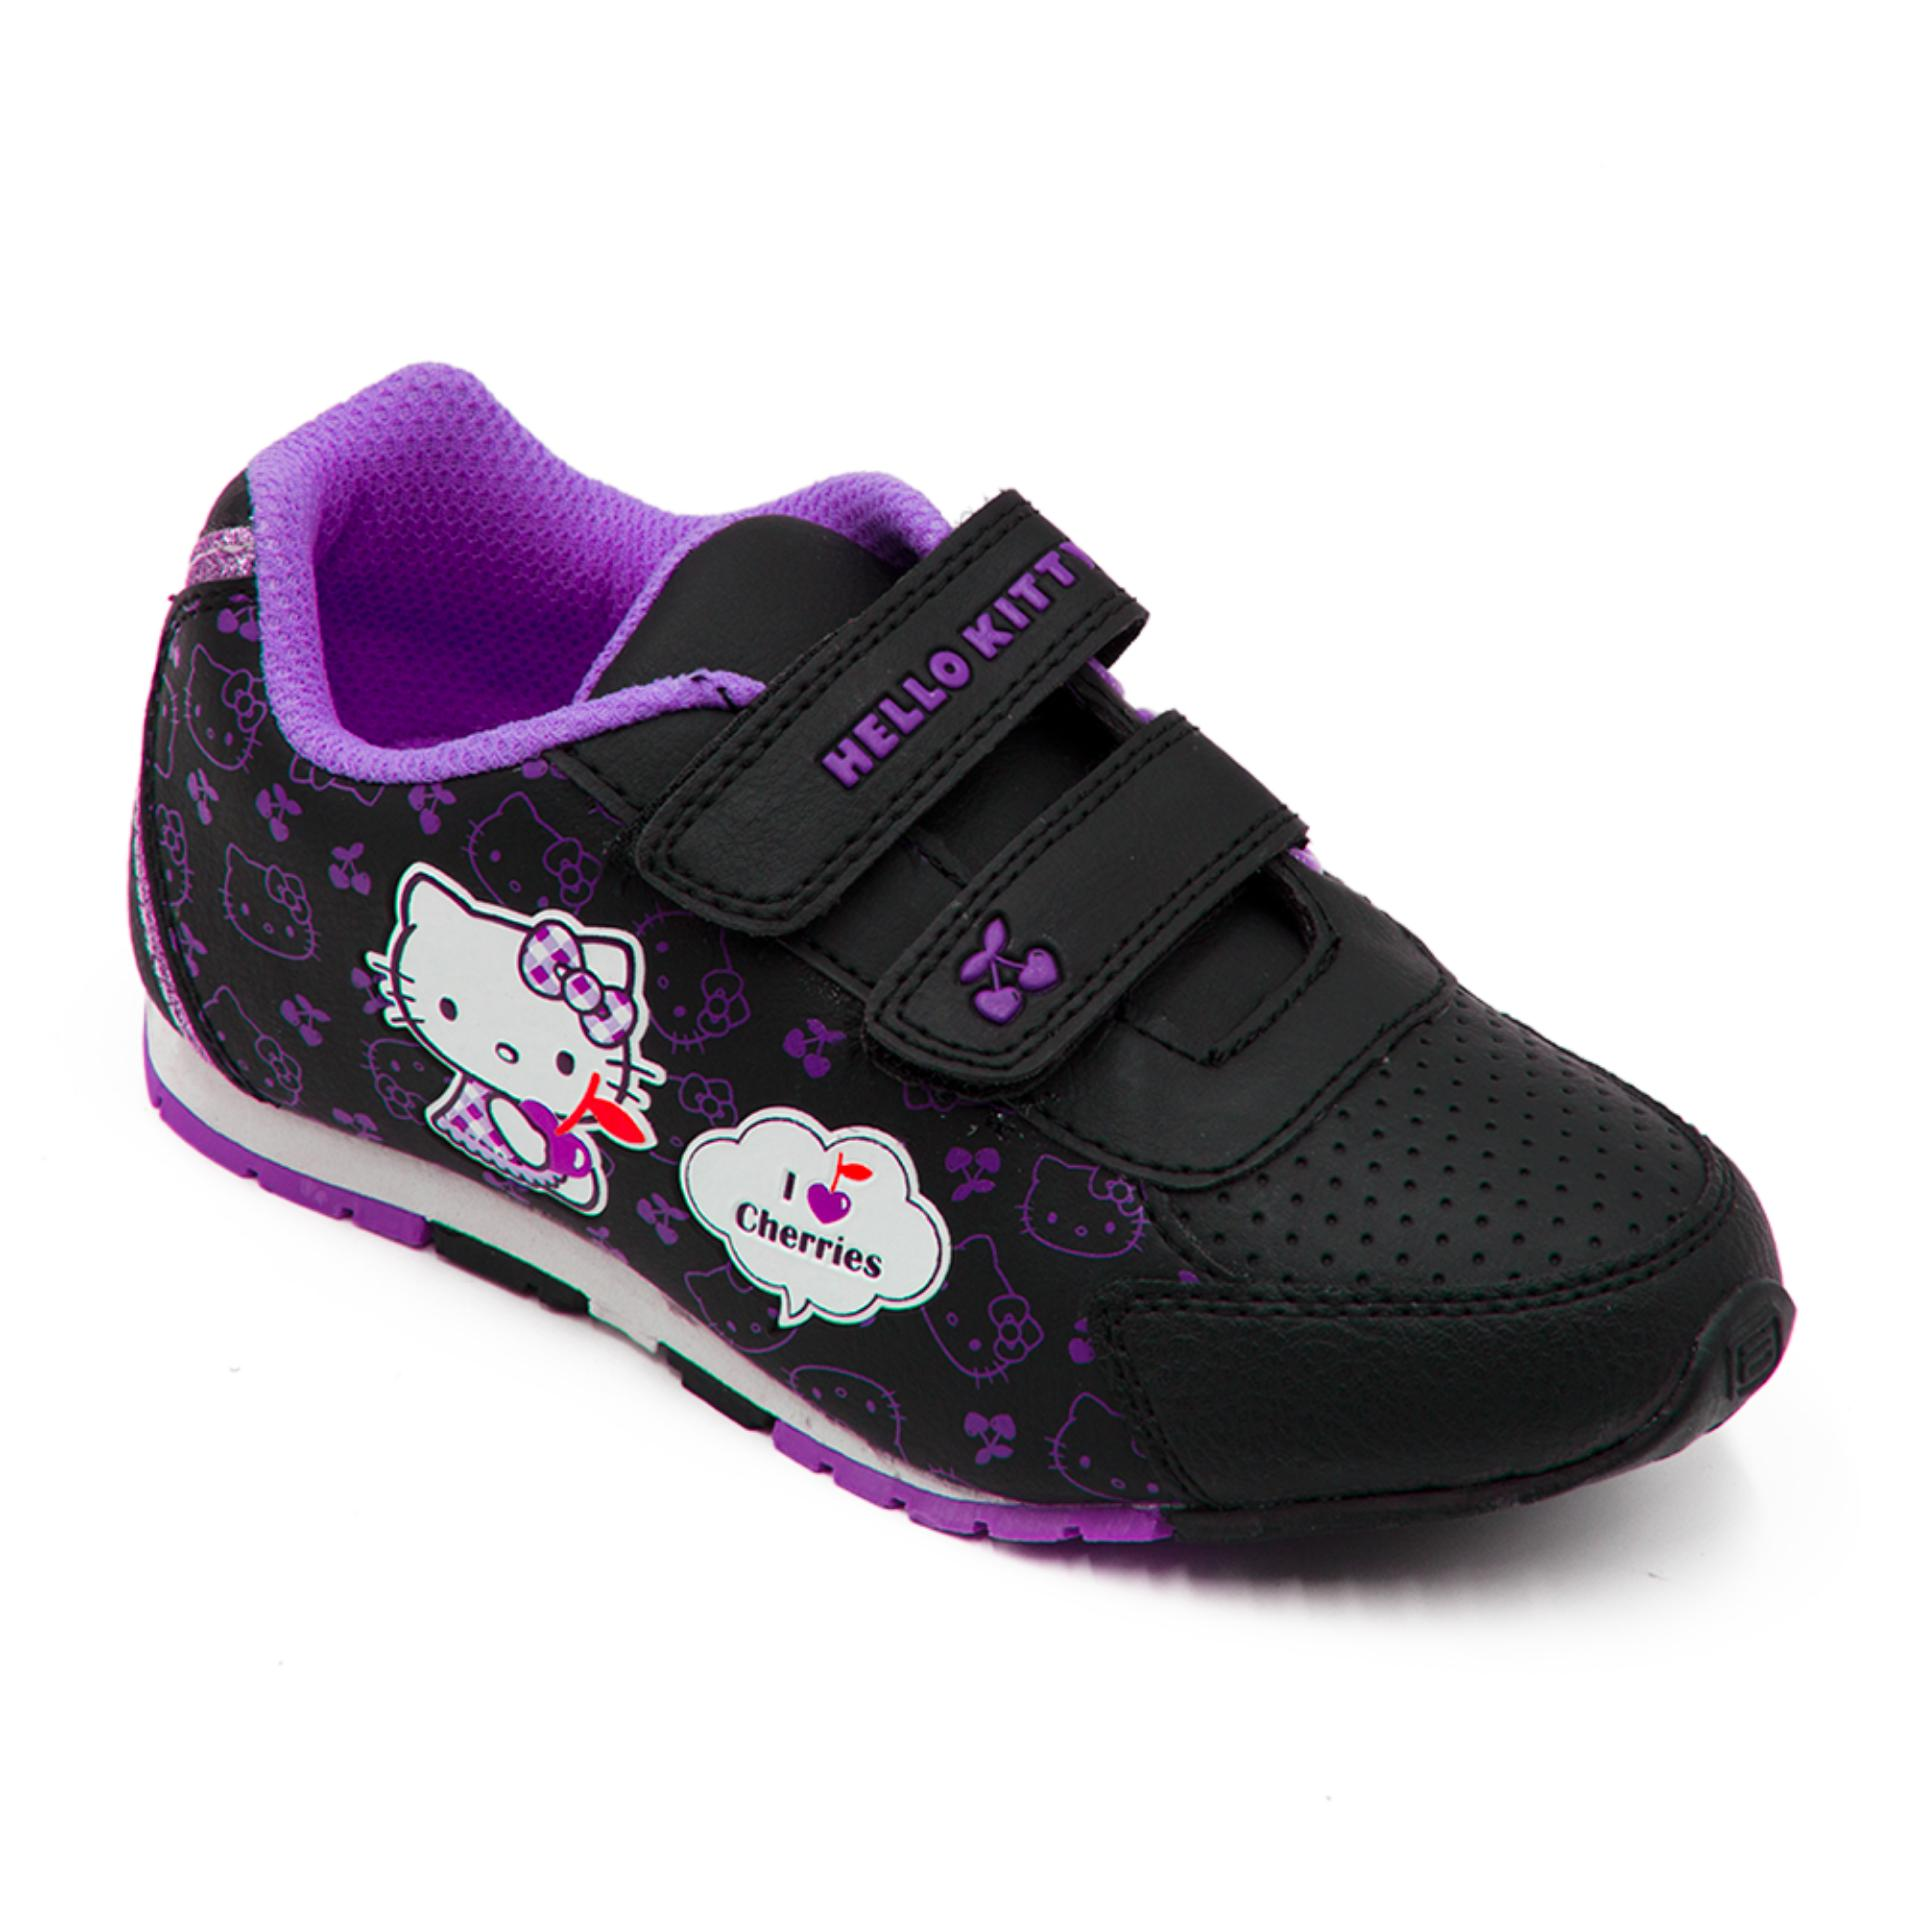 Spesifikasi Ando Sepatu Sekolah Anak Perempuan Hk Cherry Black Purple Ando